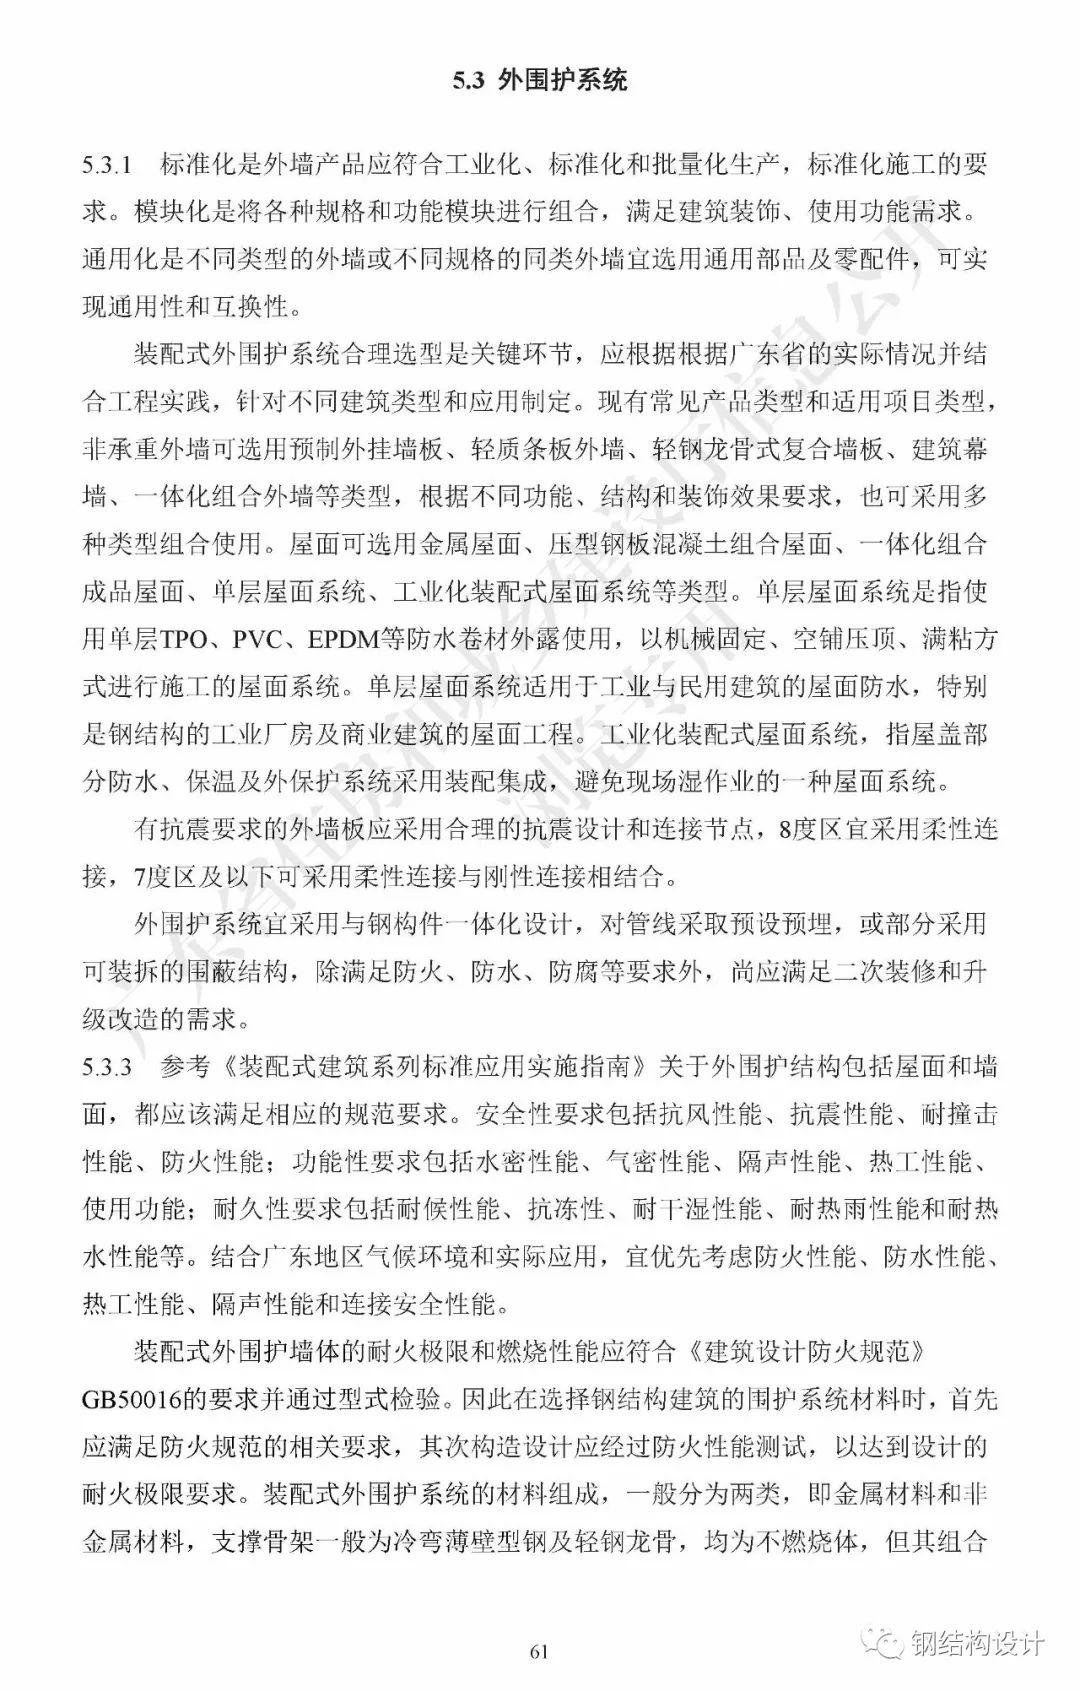 广东省《装配式钢结构建筑技术规程》发布_71